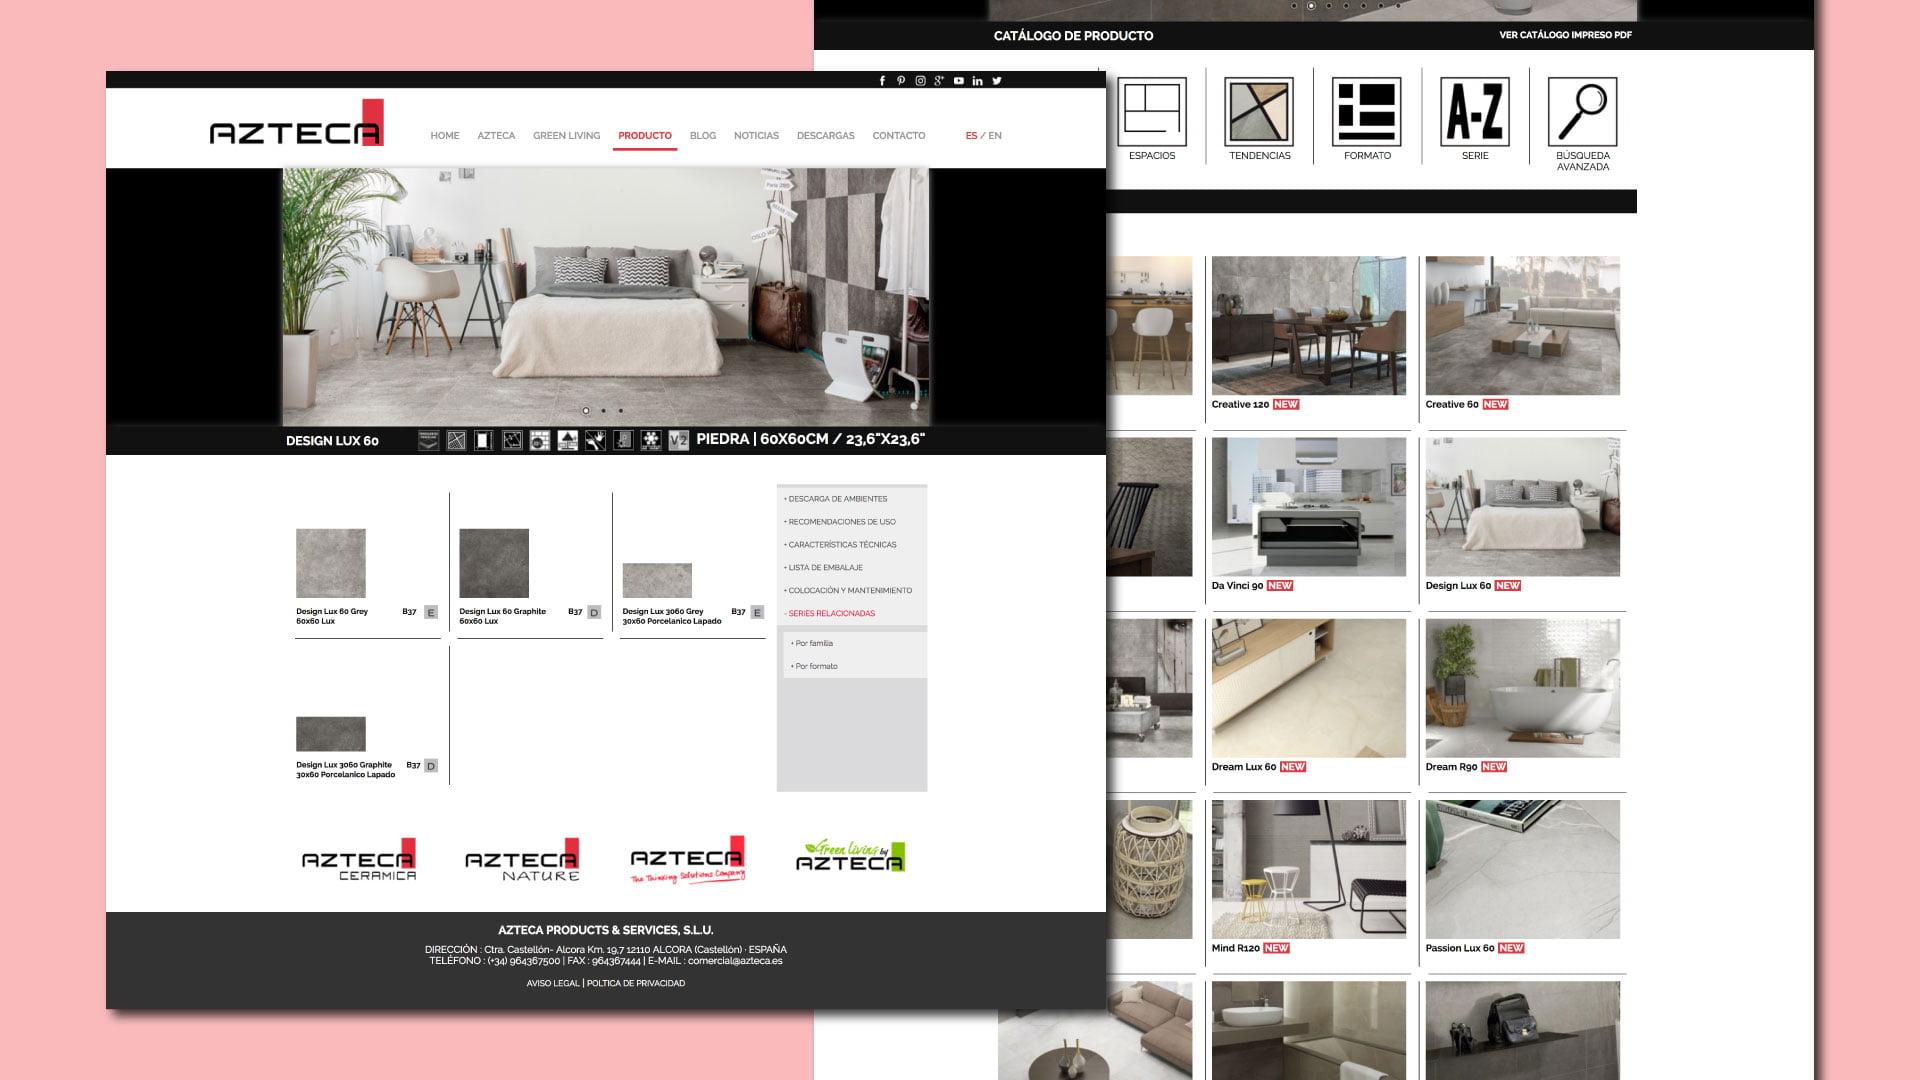 digitus-azteca-ceramica-web-desarrollo-creatividad-03